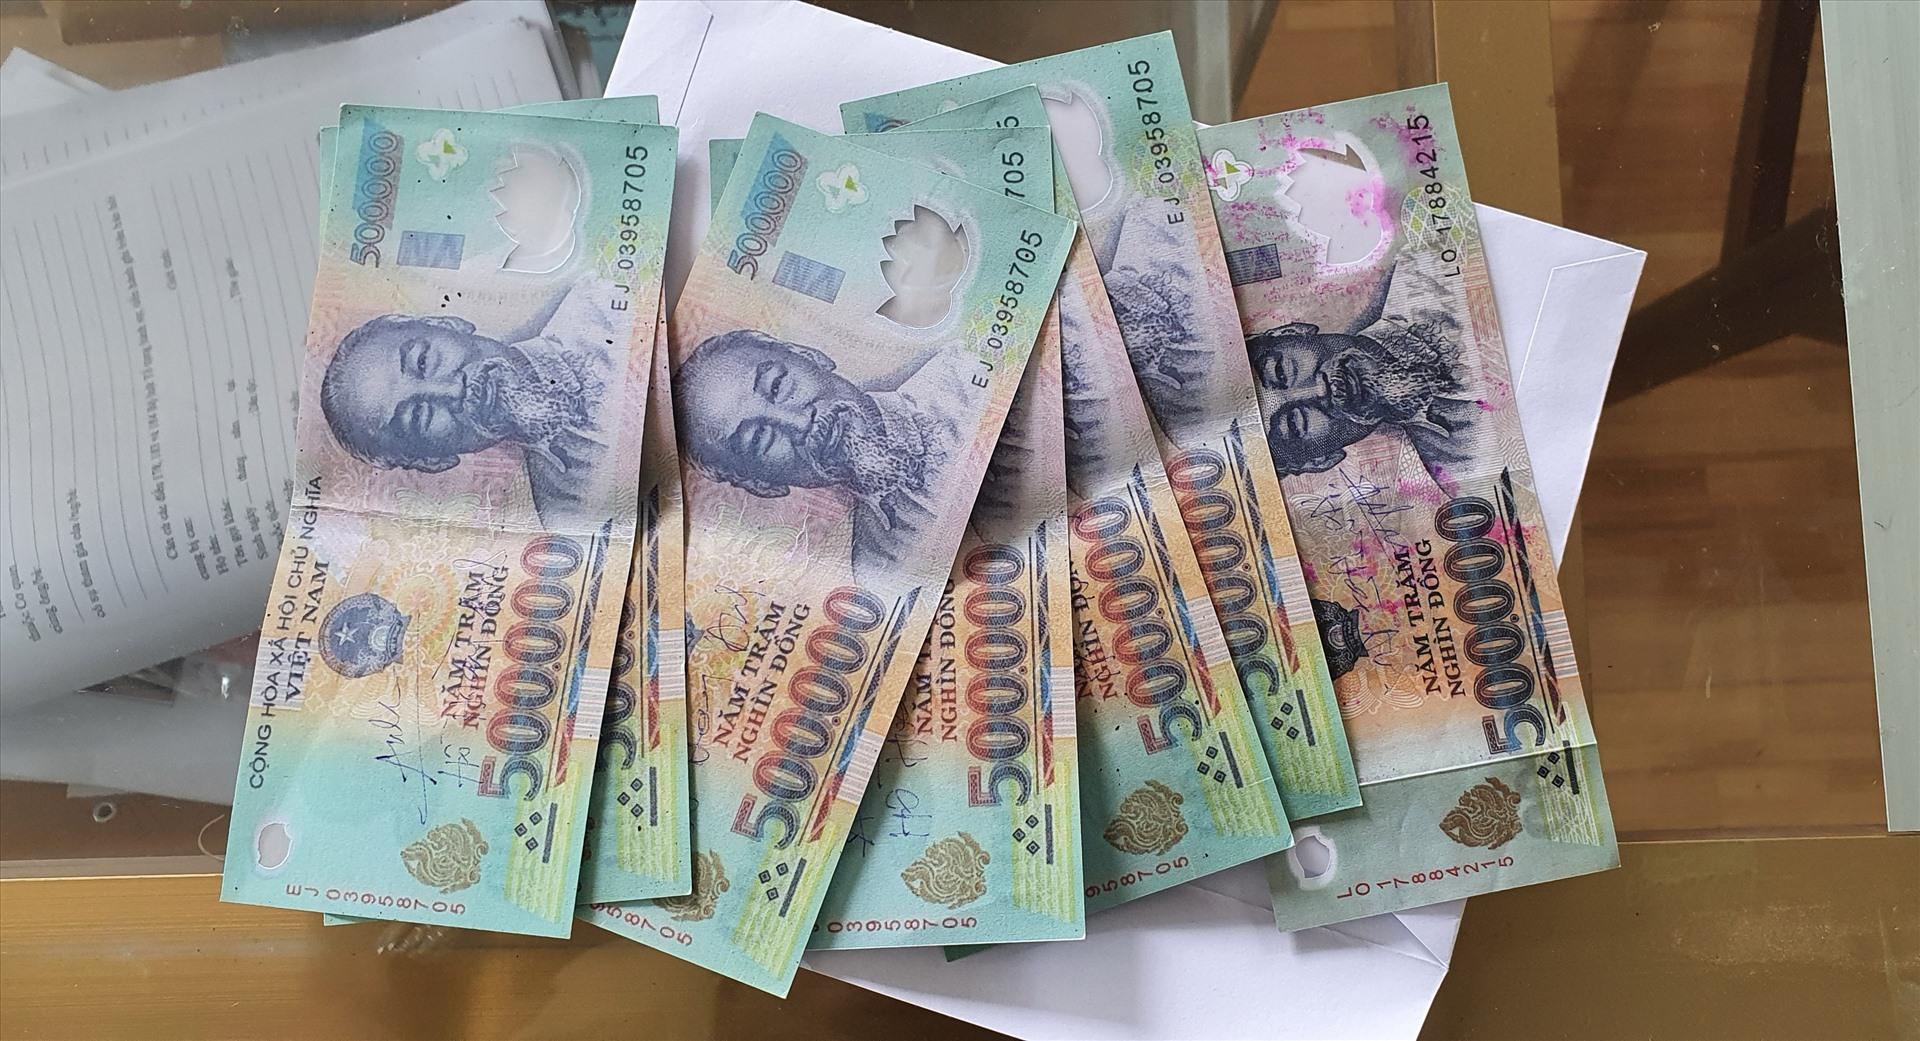 Comment différencier la vraie et la fausse monnaie vietnamienne